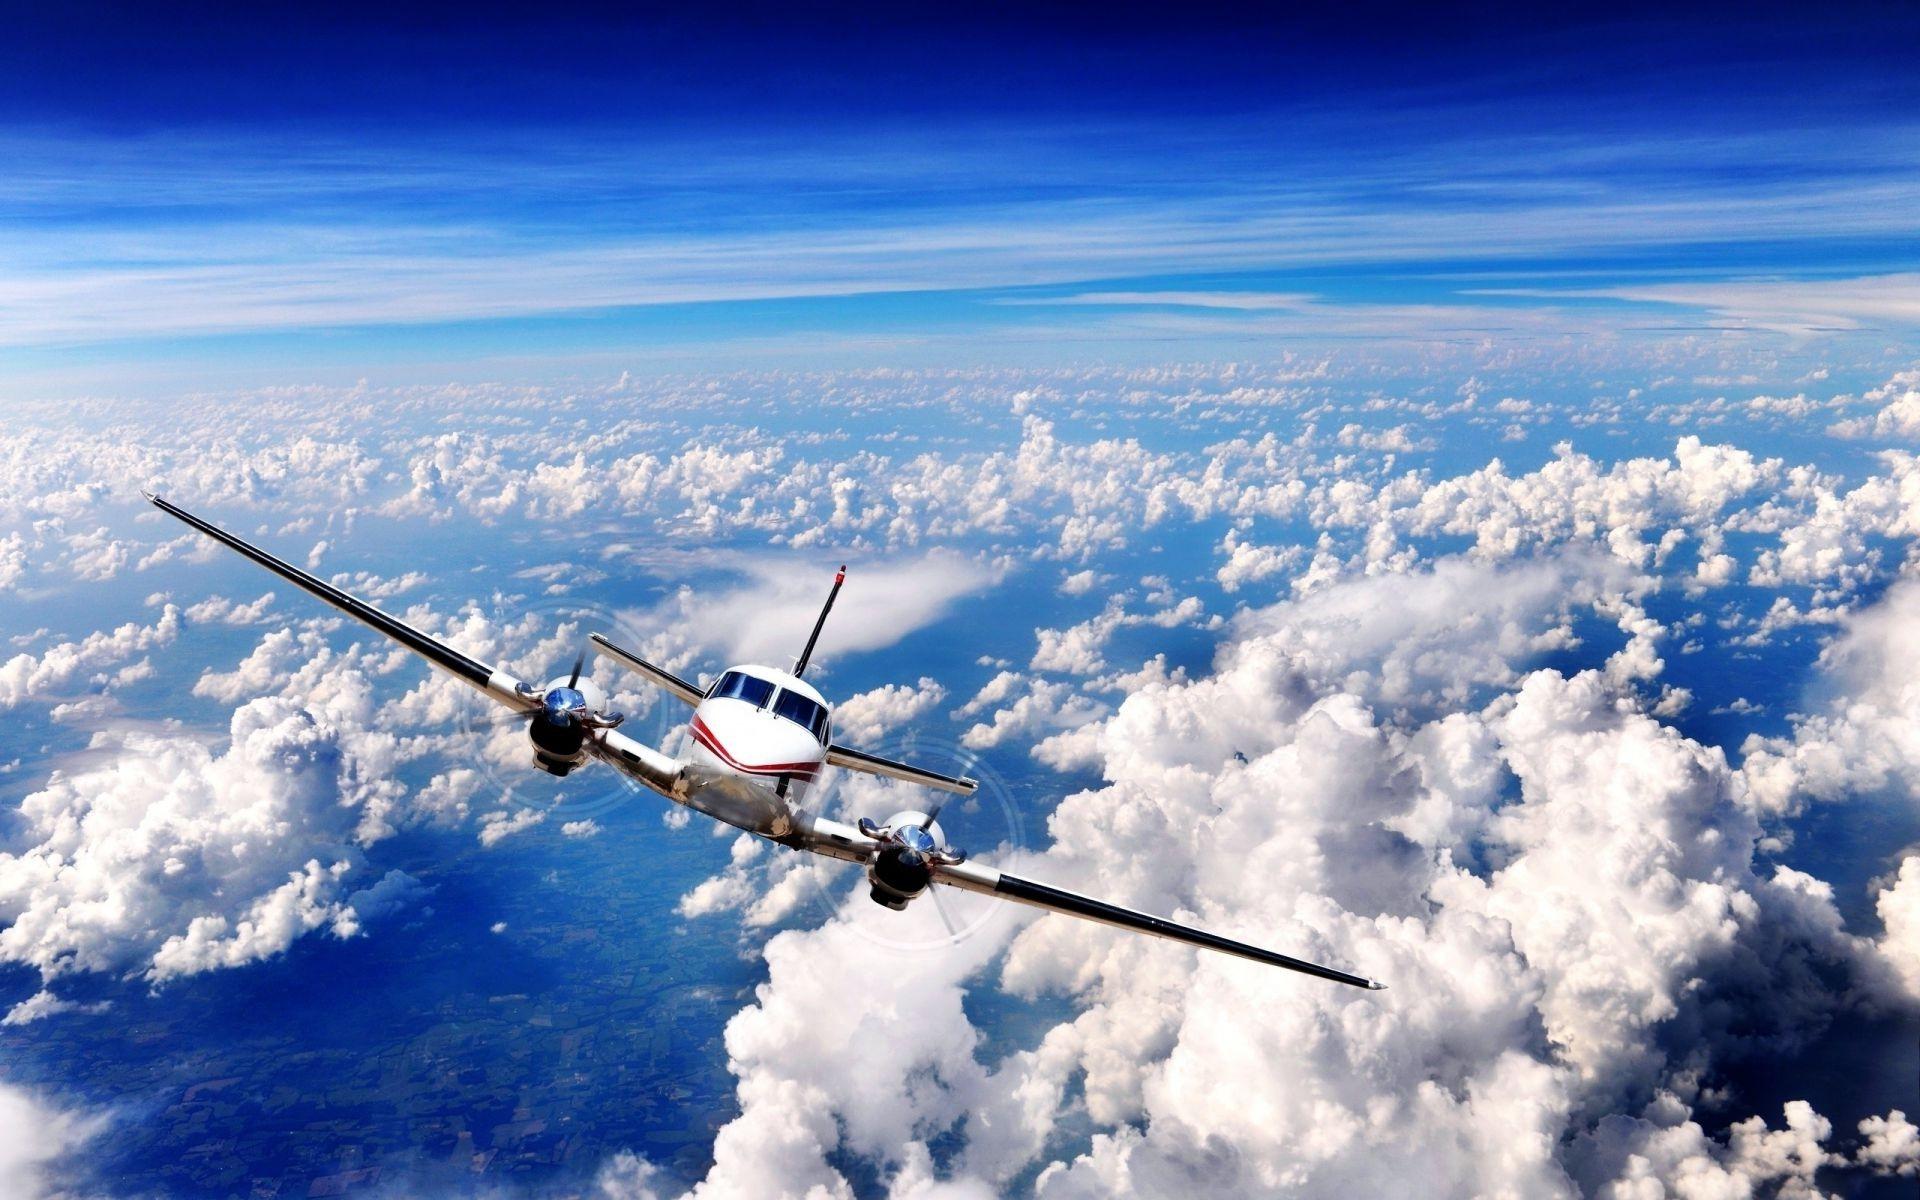 Обои бомбардировщик, Облака, Самолёт. Авиация foto 17